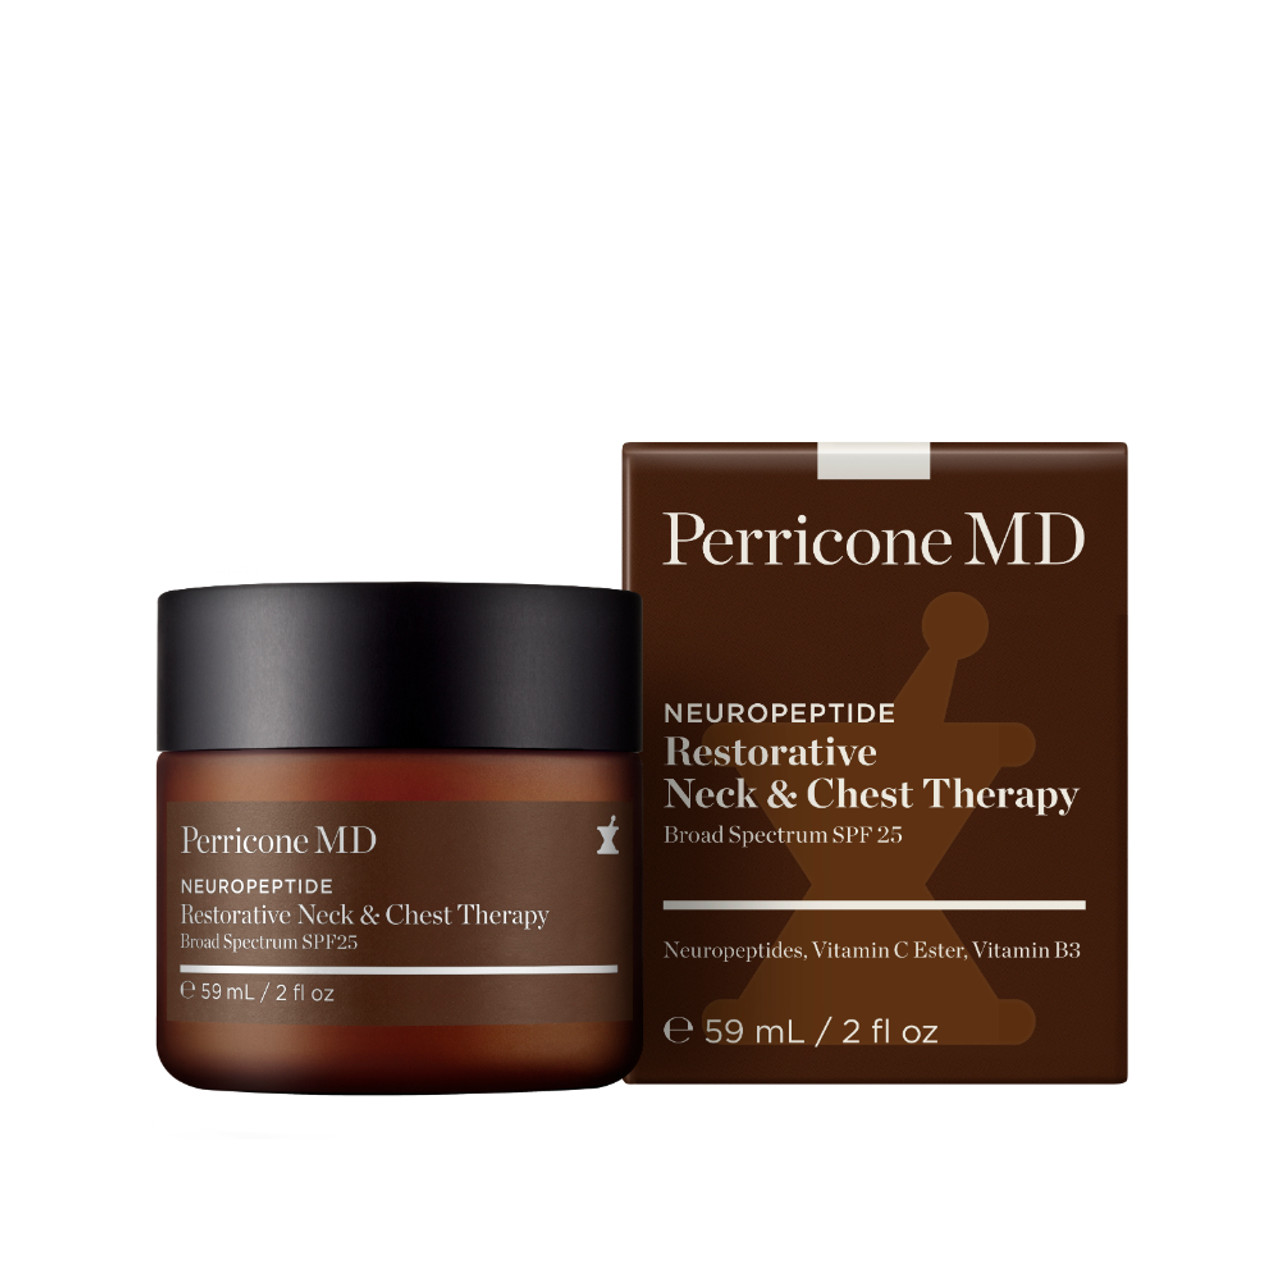 Perricone MD Neuropeptide Restorative Neck & Chest Therapy SPF 25 No Cap